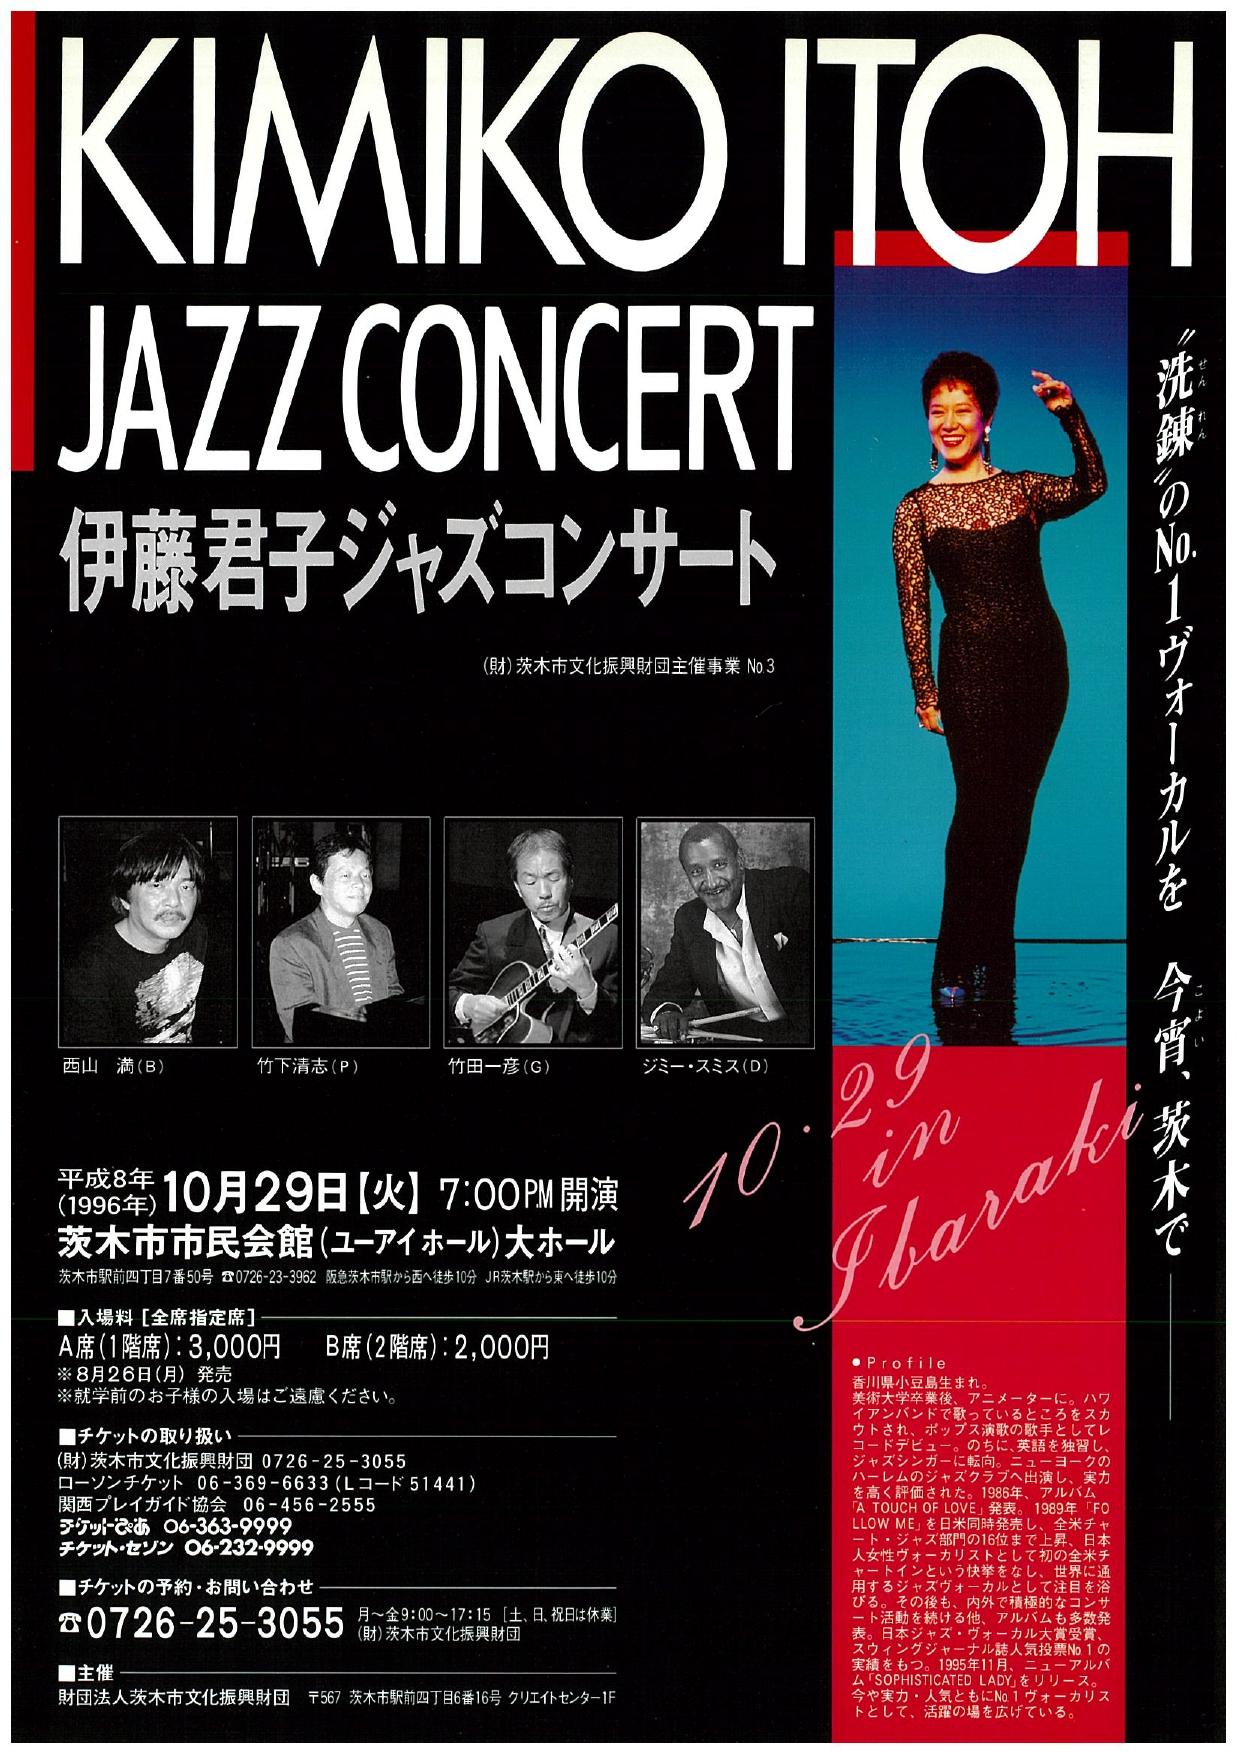 伊藤君子ジャズコンサート